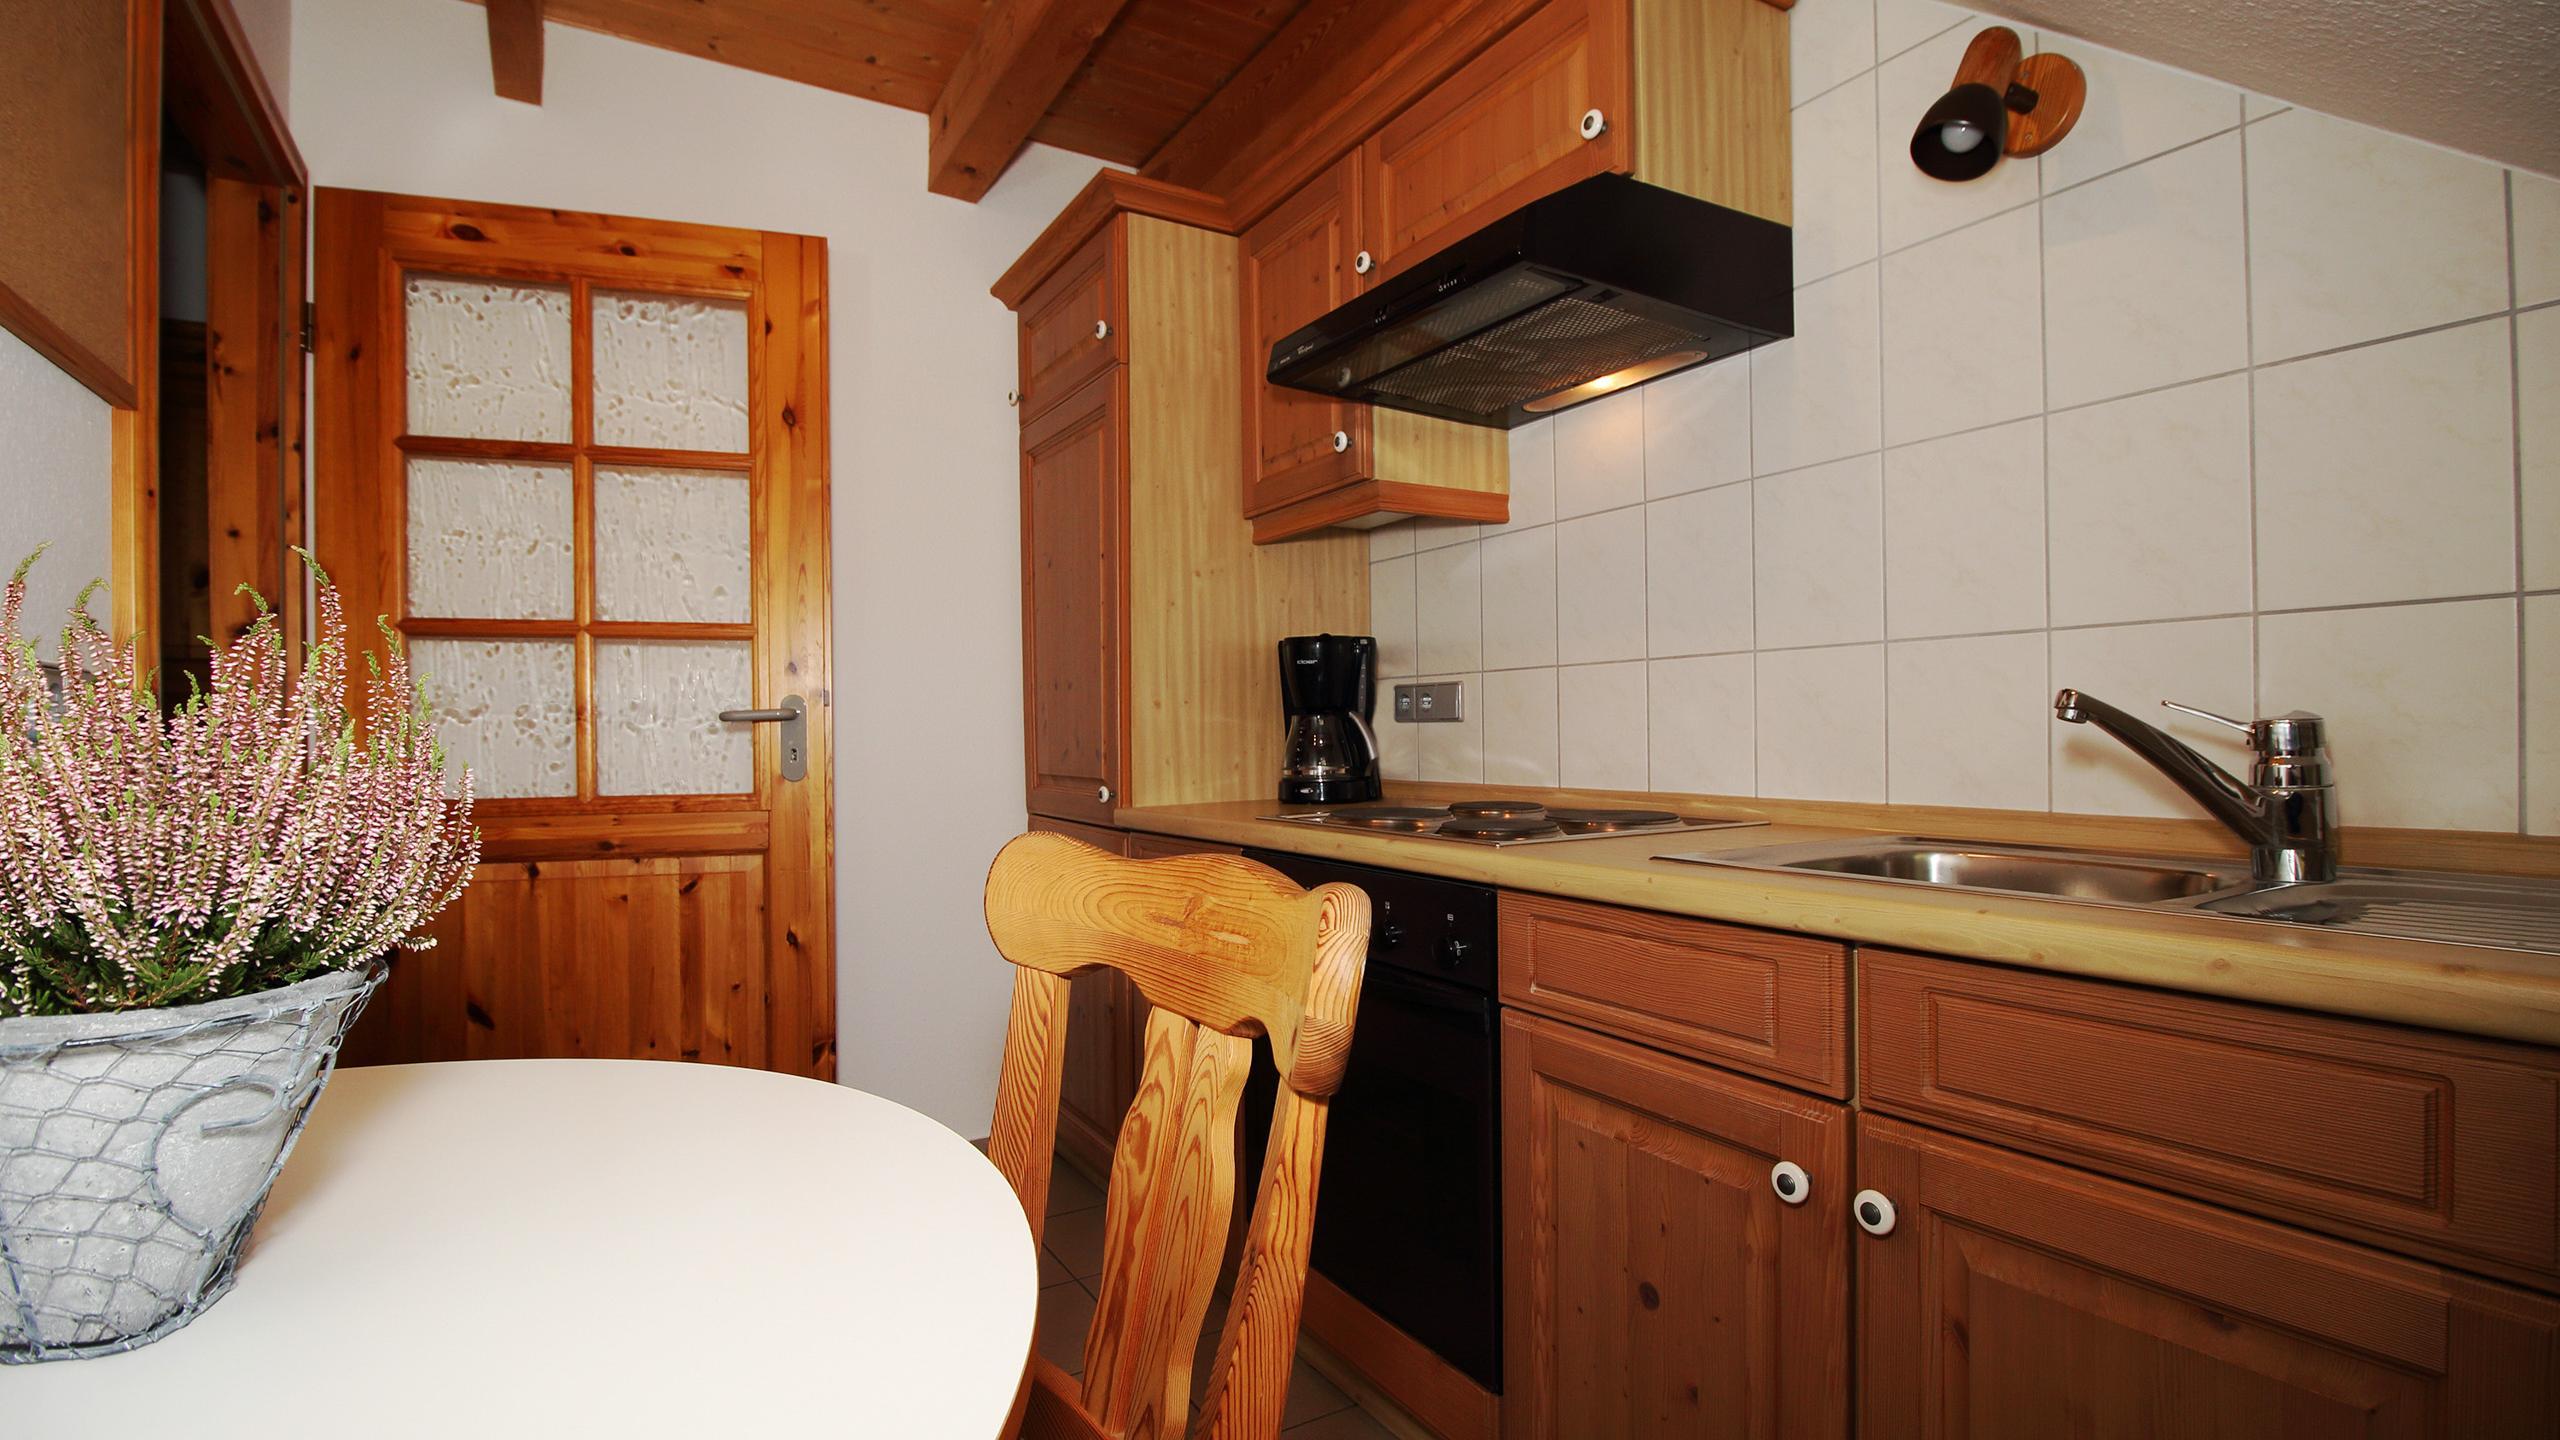 Groß Home Interior Design Küche Zimmer Zeitgenössisch - Ideen Für ...